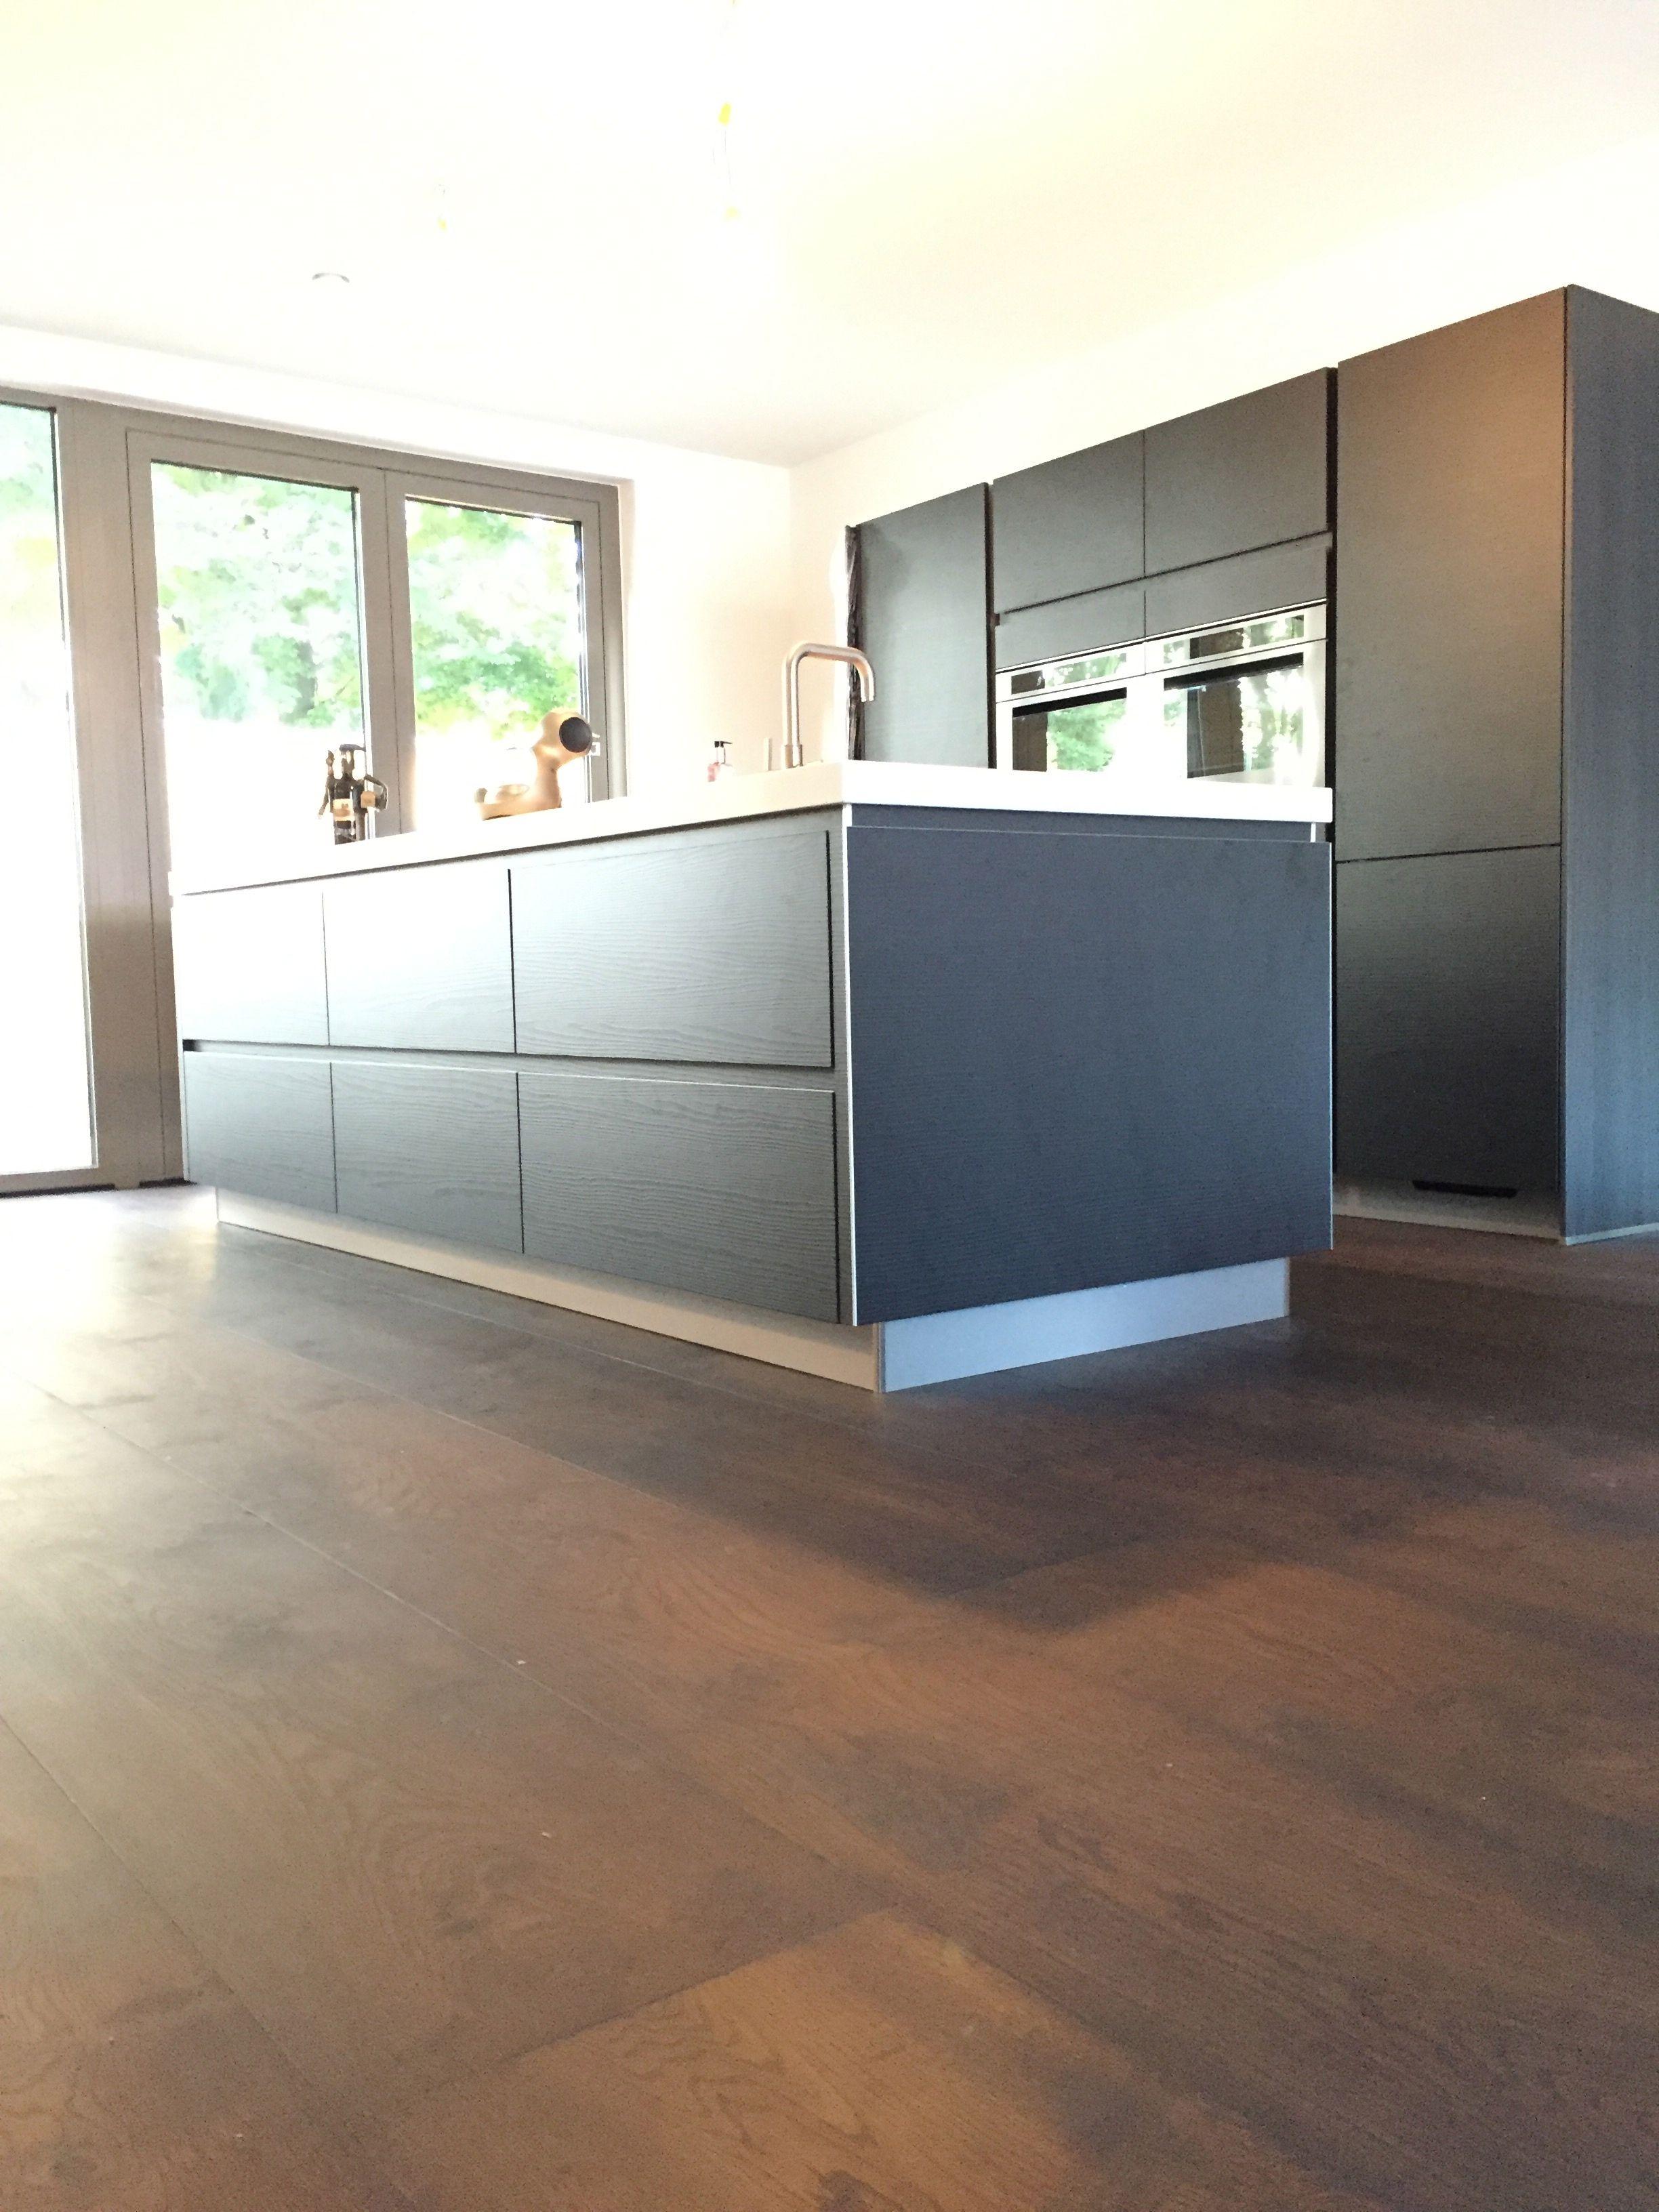 Voorbeeld van parket in een keuken keuken pinterest van - Voorbeeld van open keuken ...